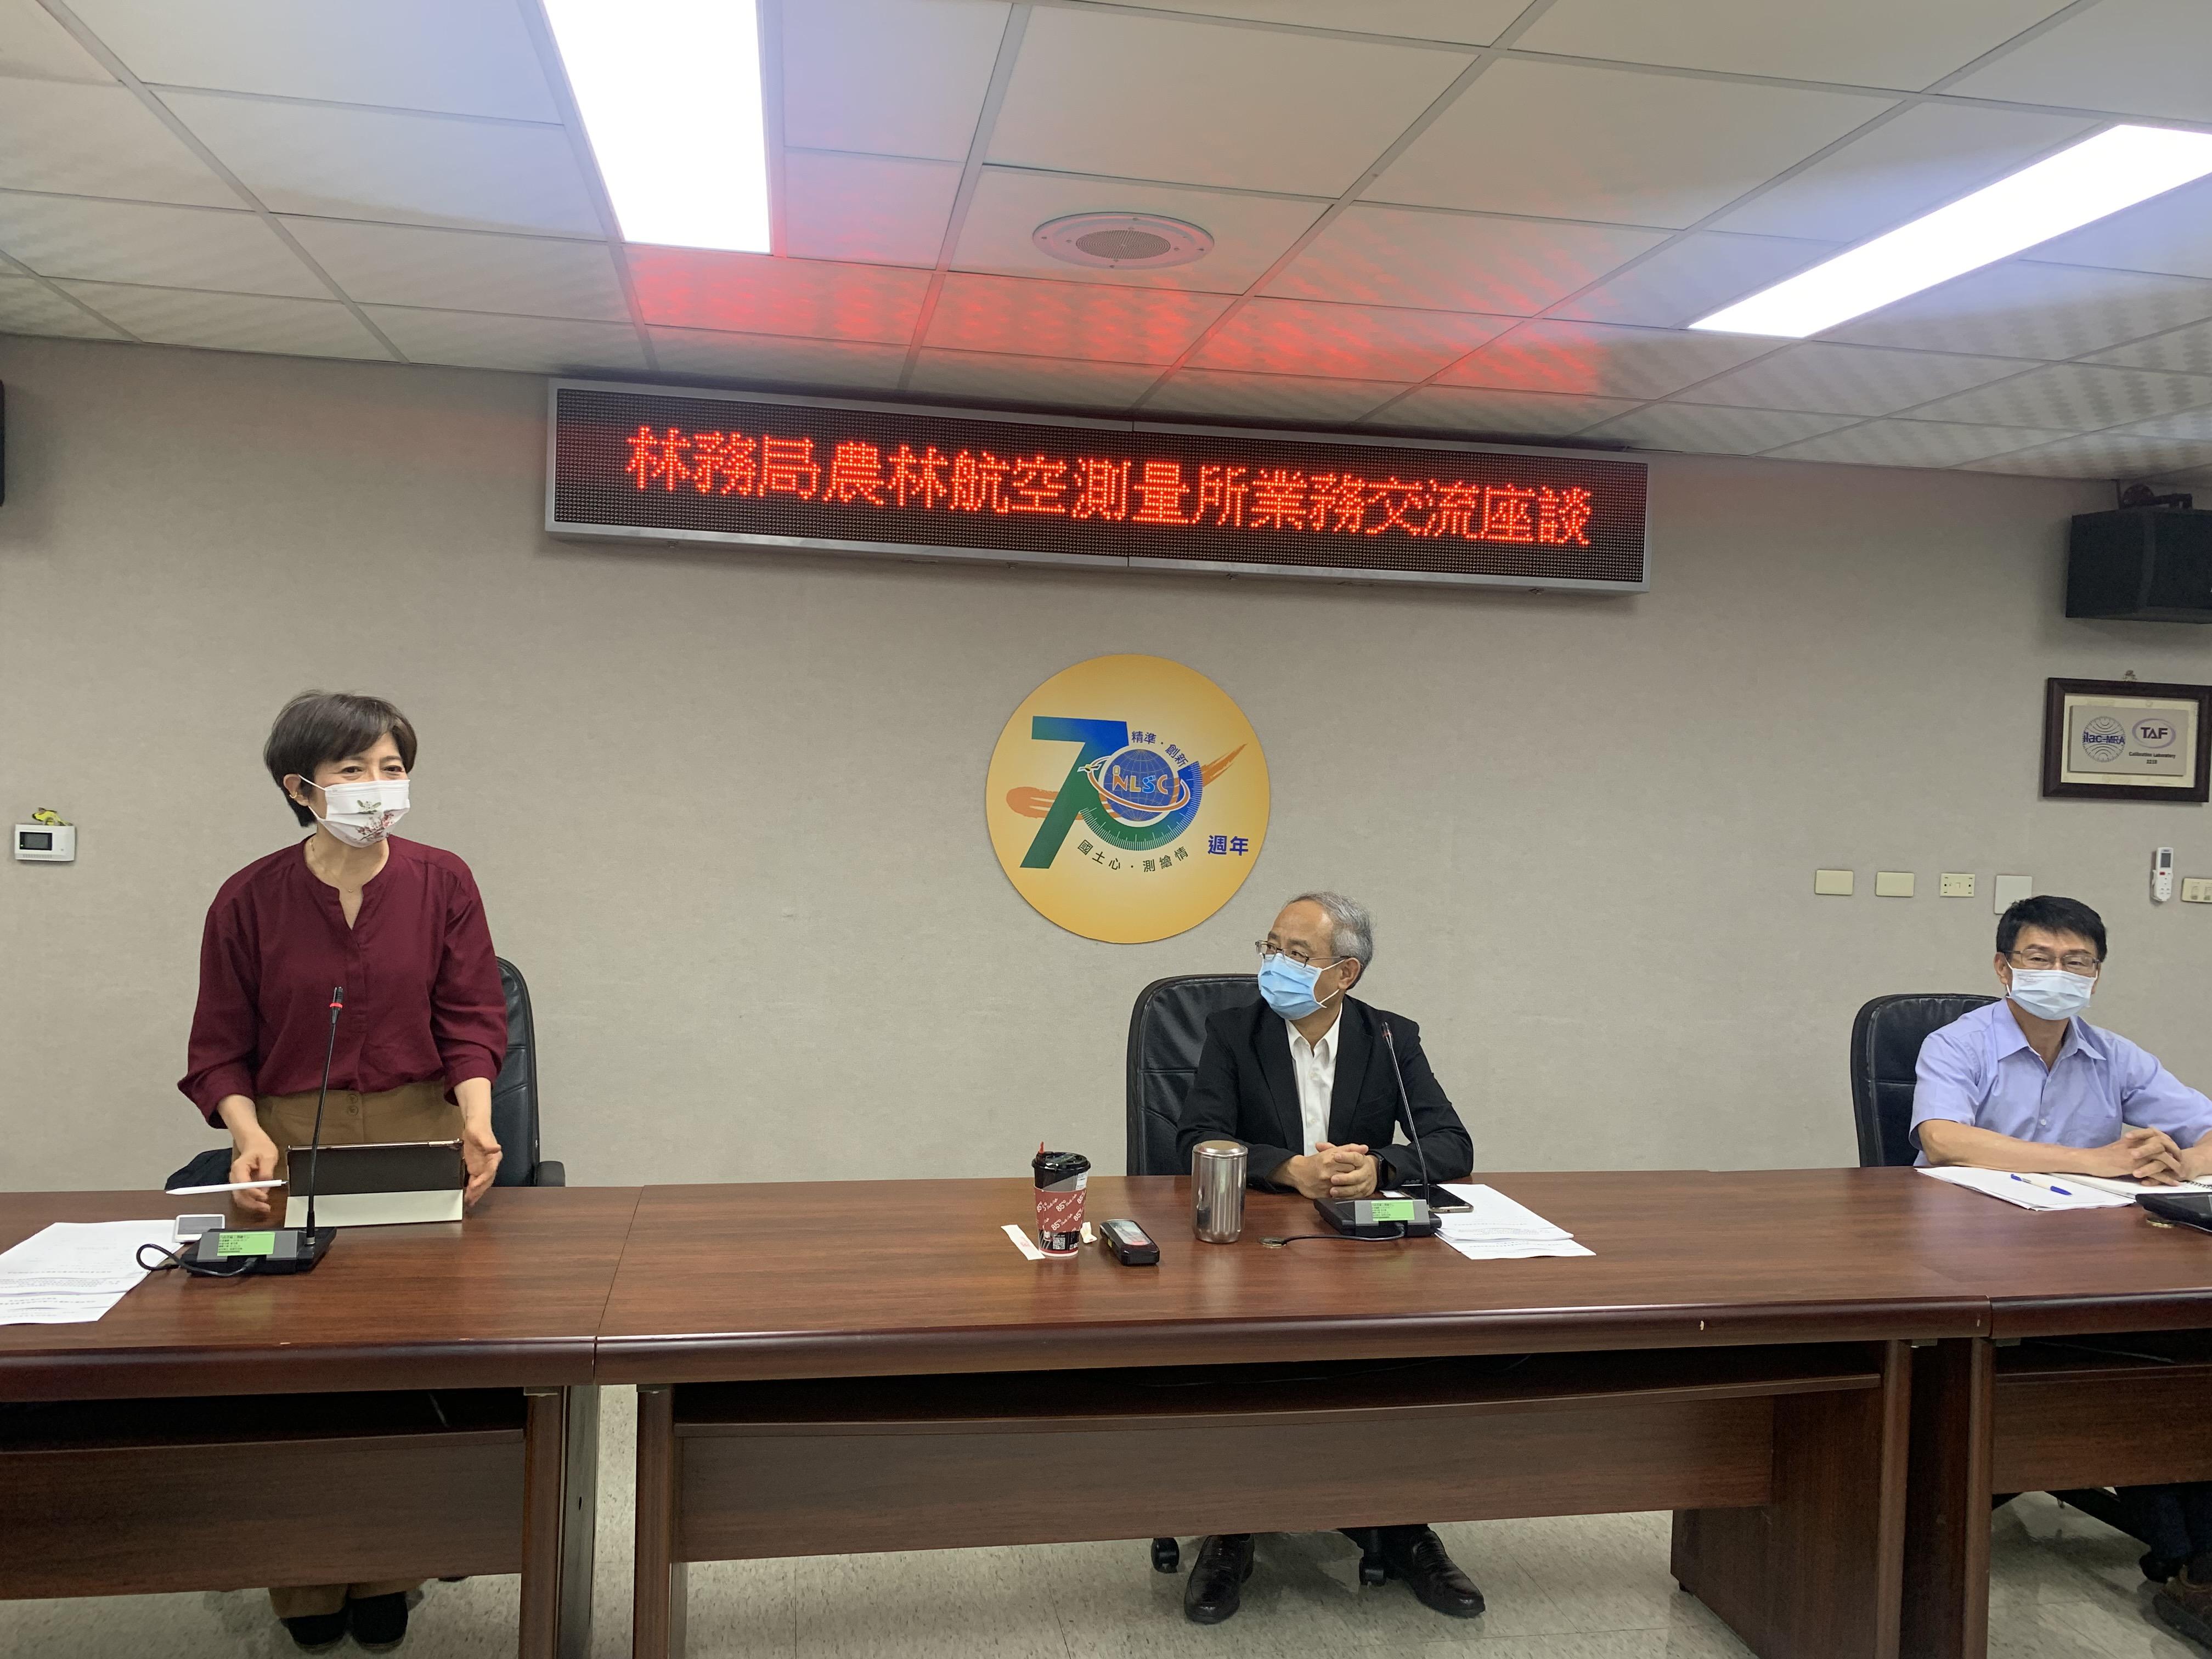 行政院農業委員會林務局農林航空測量所吳所長淑華(左)致詞